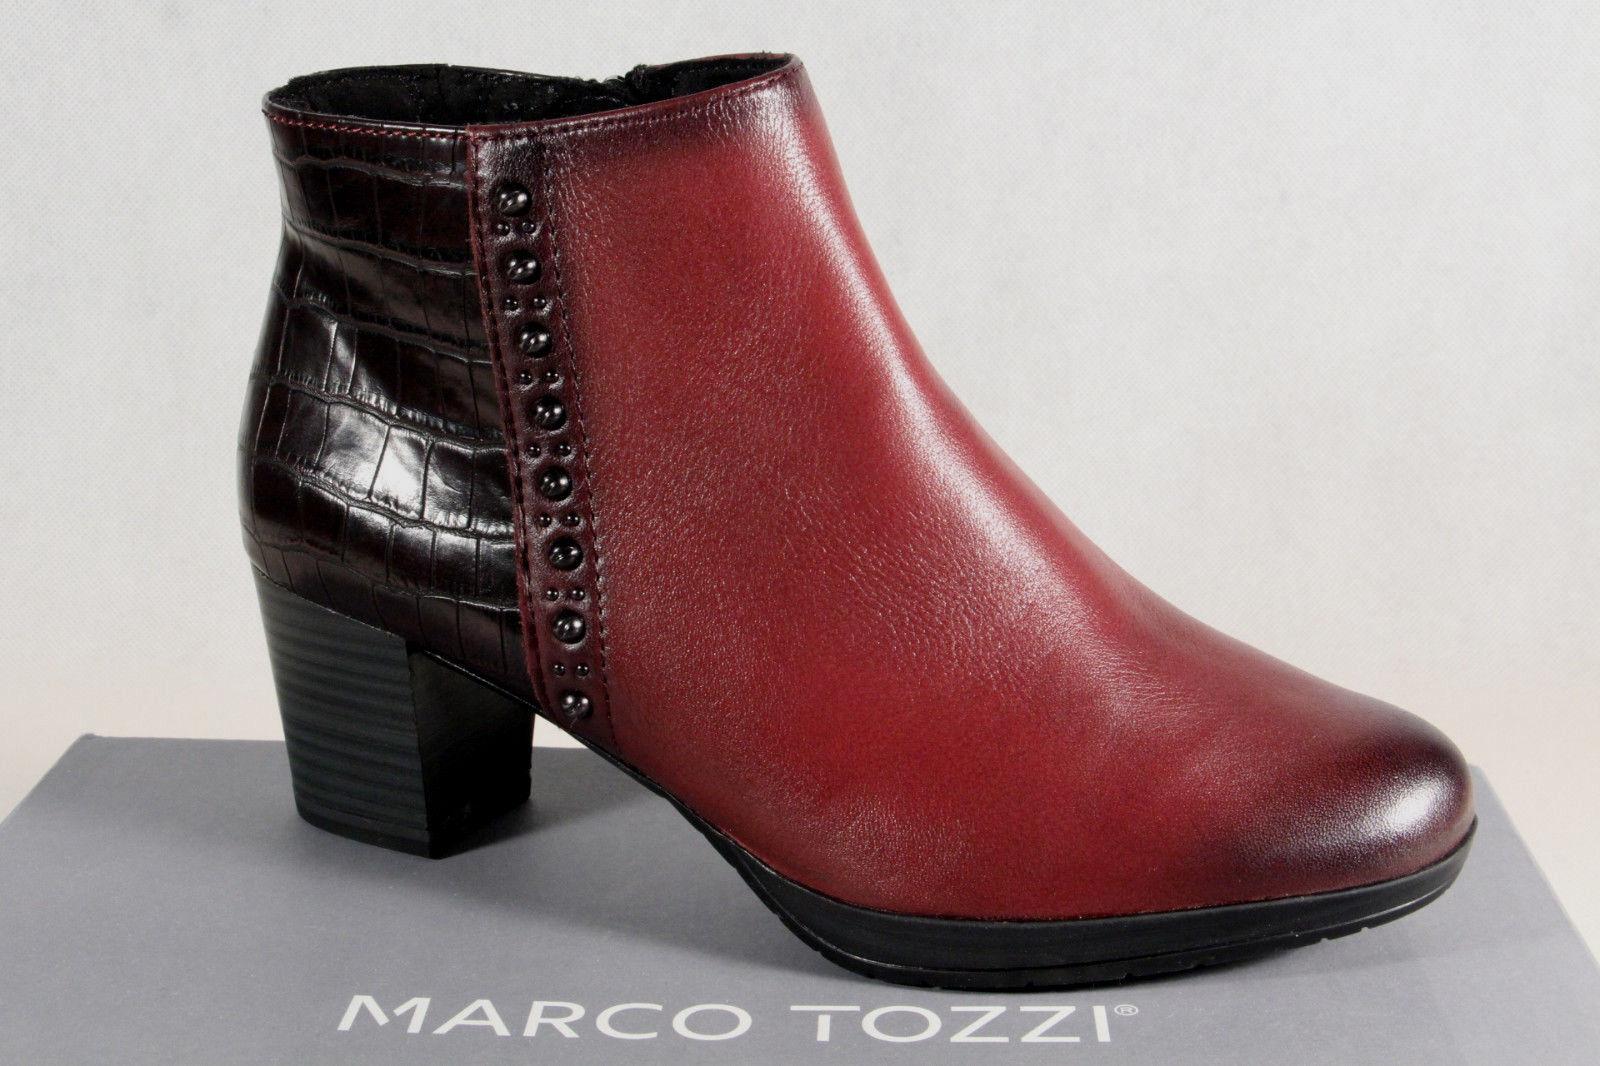 Marco gefüttert Tozzi  Stiefelette Stiefel Reißverschluß gefüttert Marco  25388 Echtleder NEU 13a723